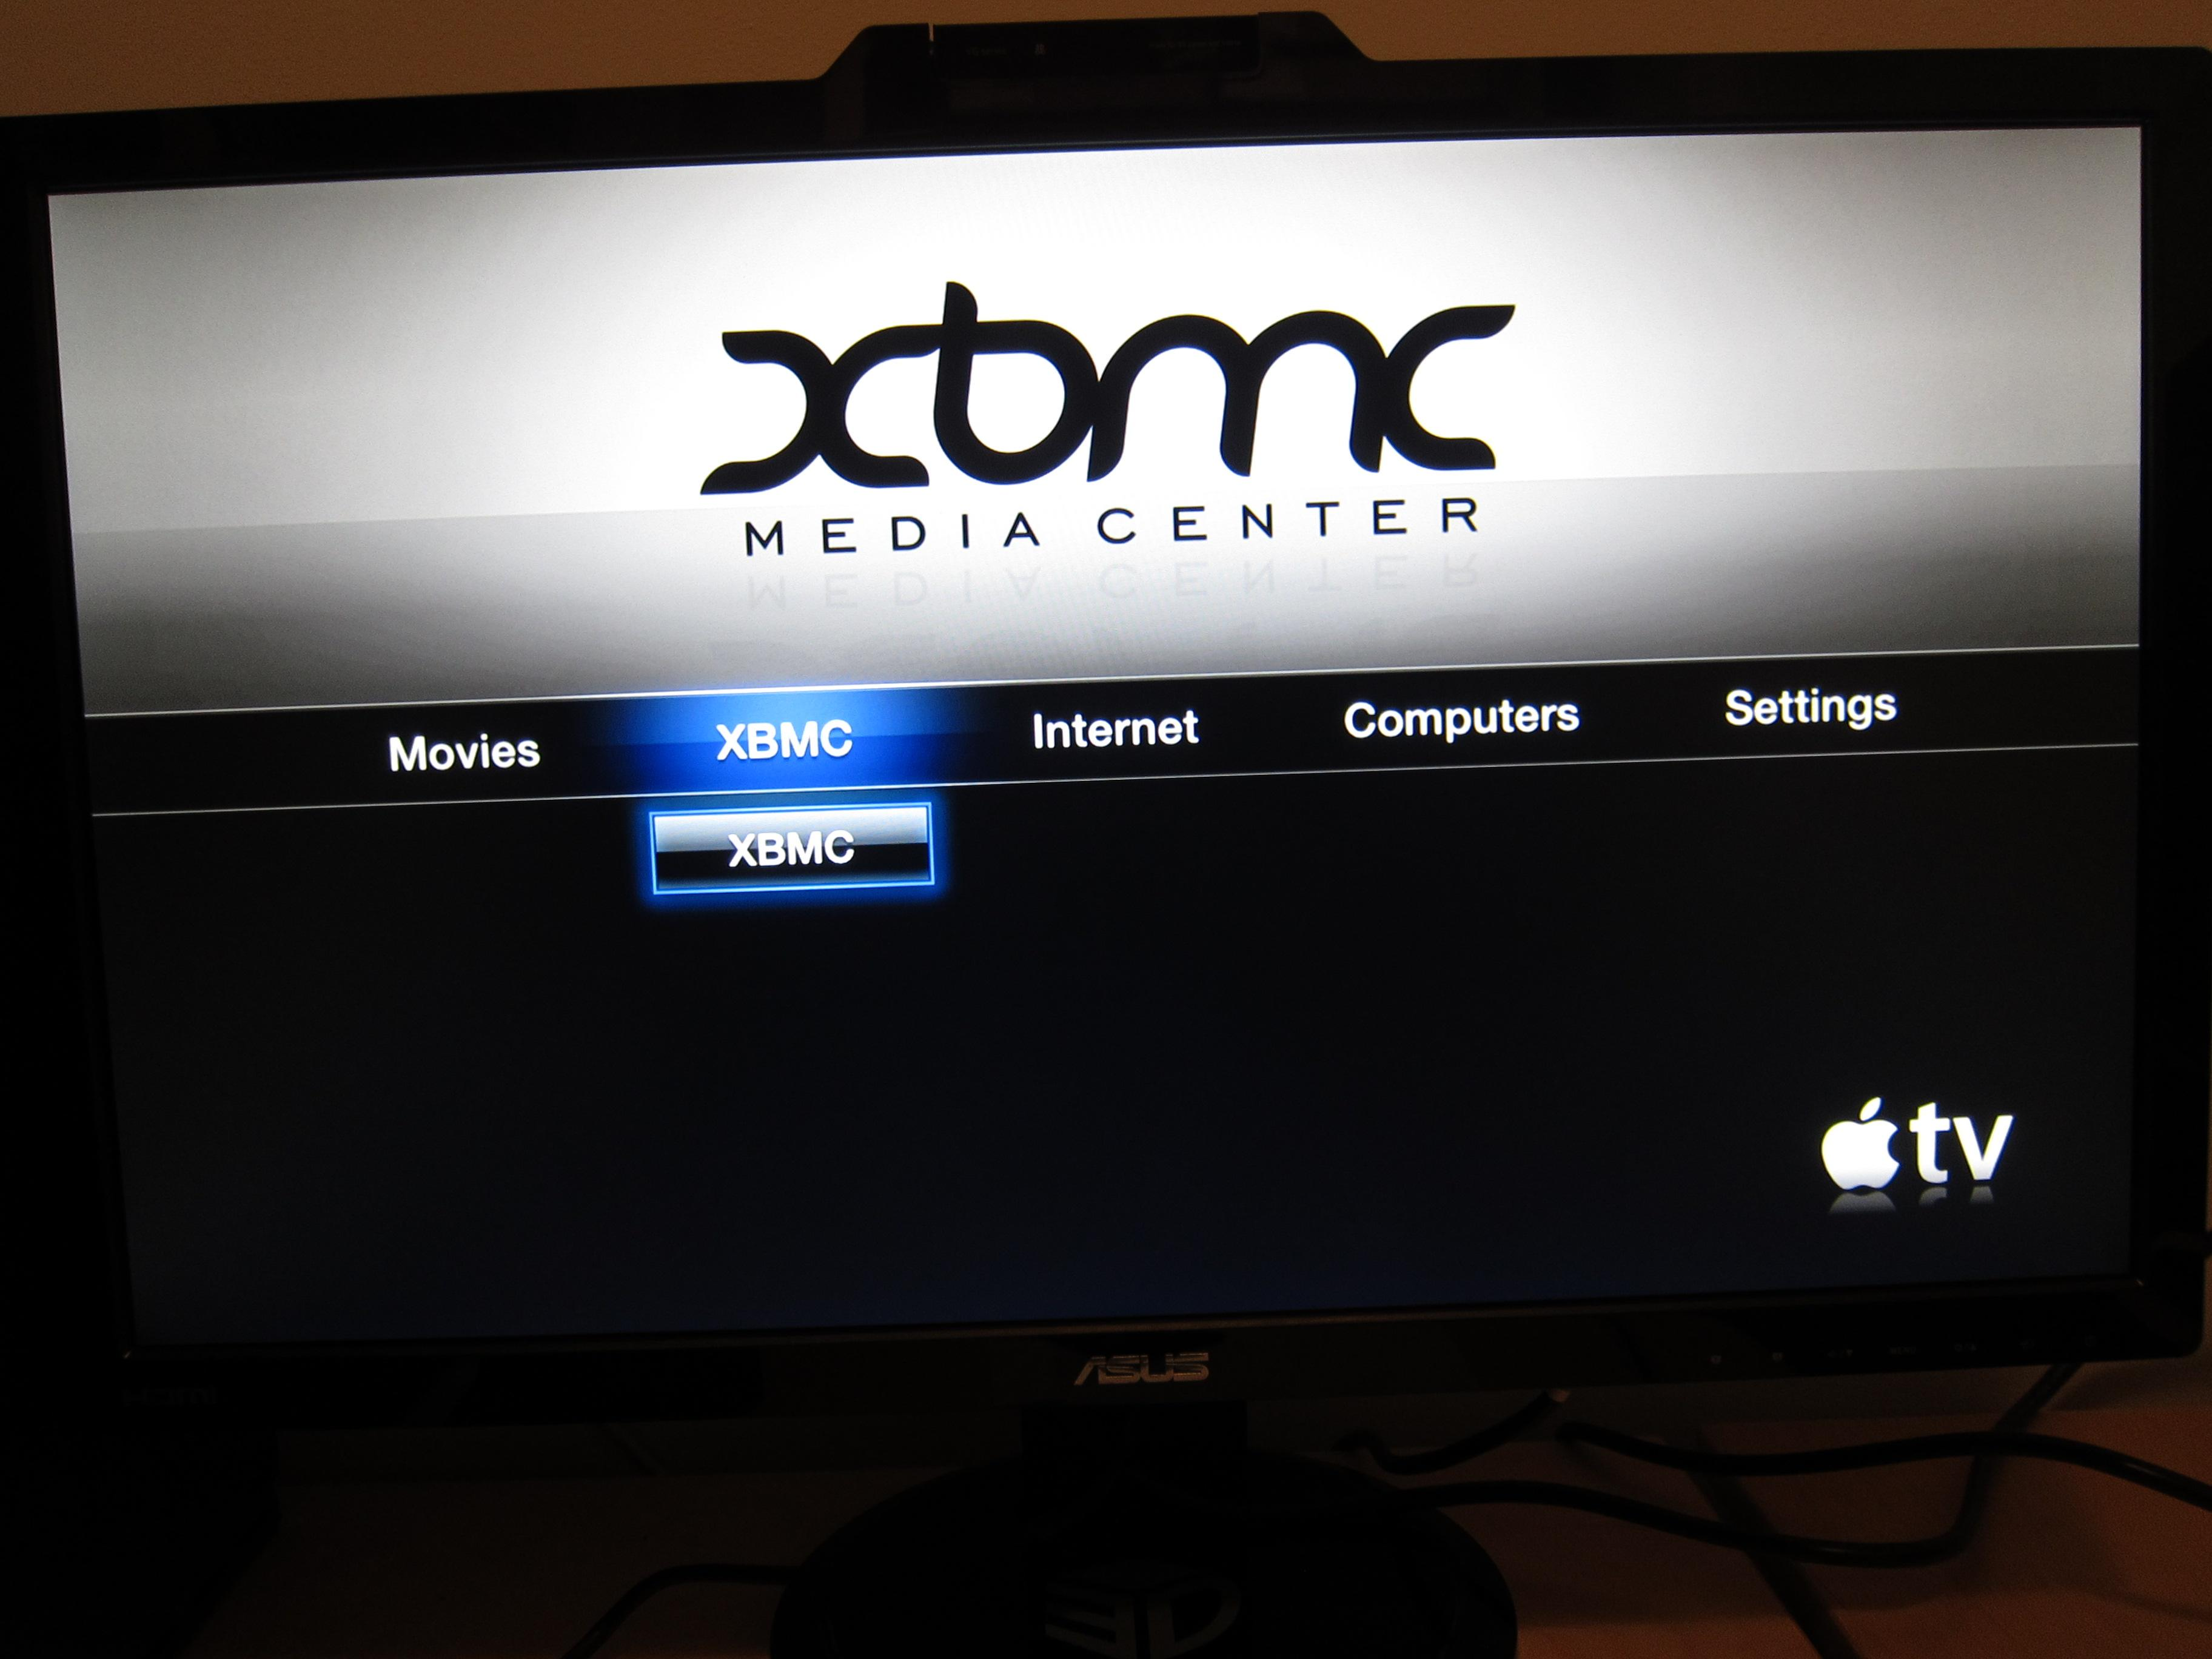 På den forrige Apple TV installerte vi tredjepartsprogrammet XBMC, som gjorde den lille boksen til en altspisende mediemaskin.